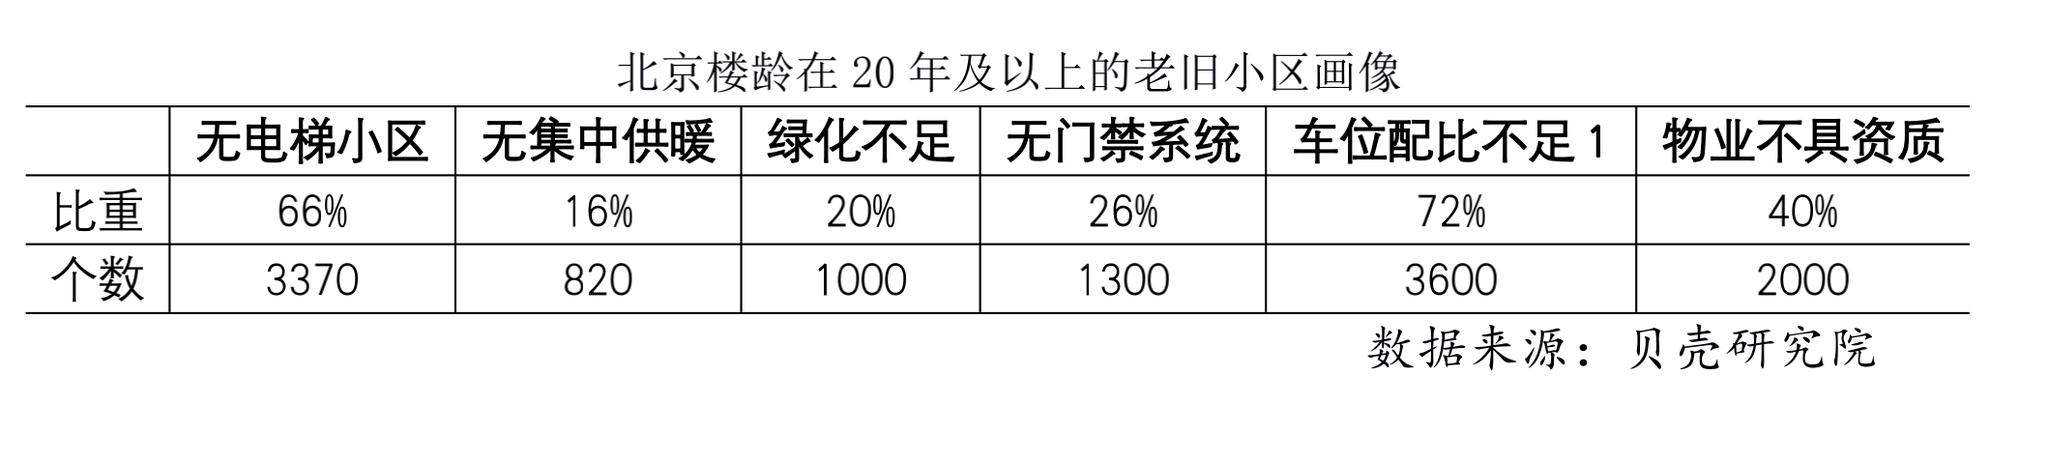 北京老旧小区六成无电梯 车位配比不足1的占比超七成